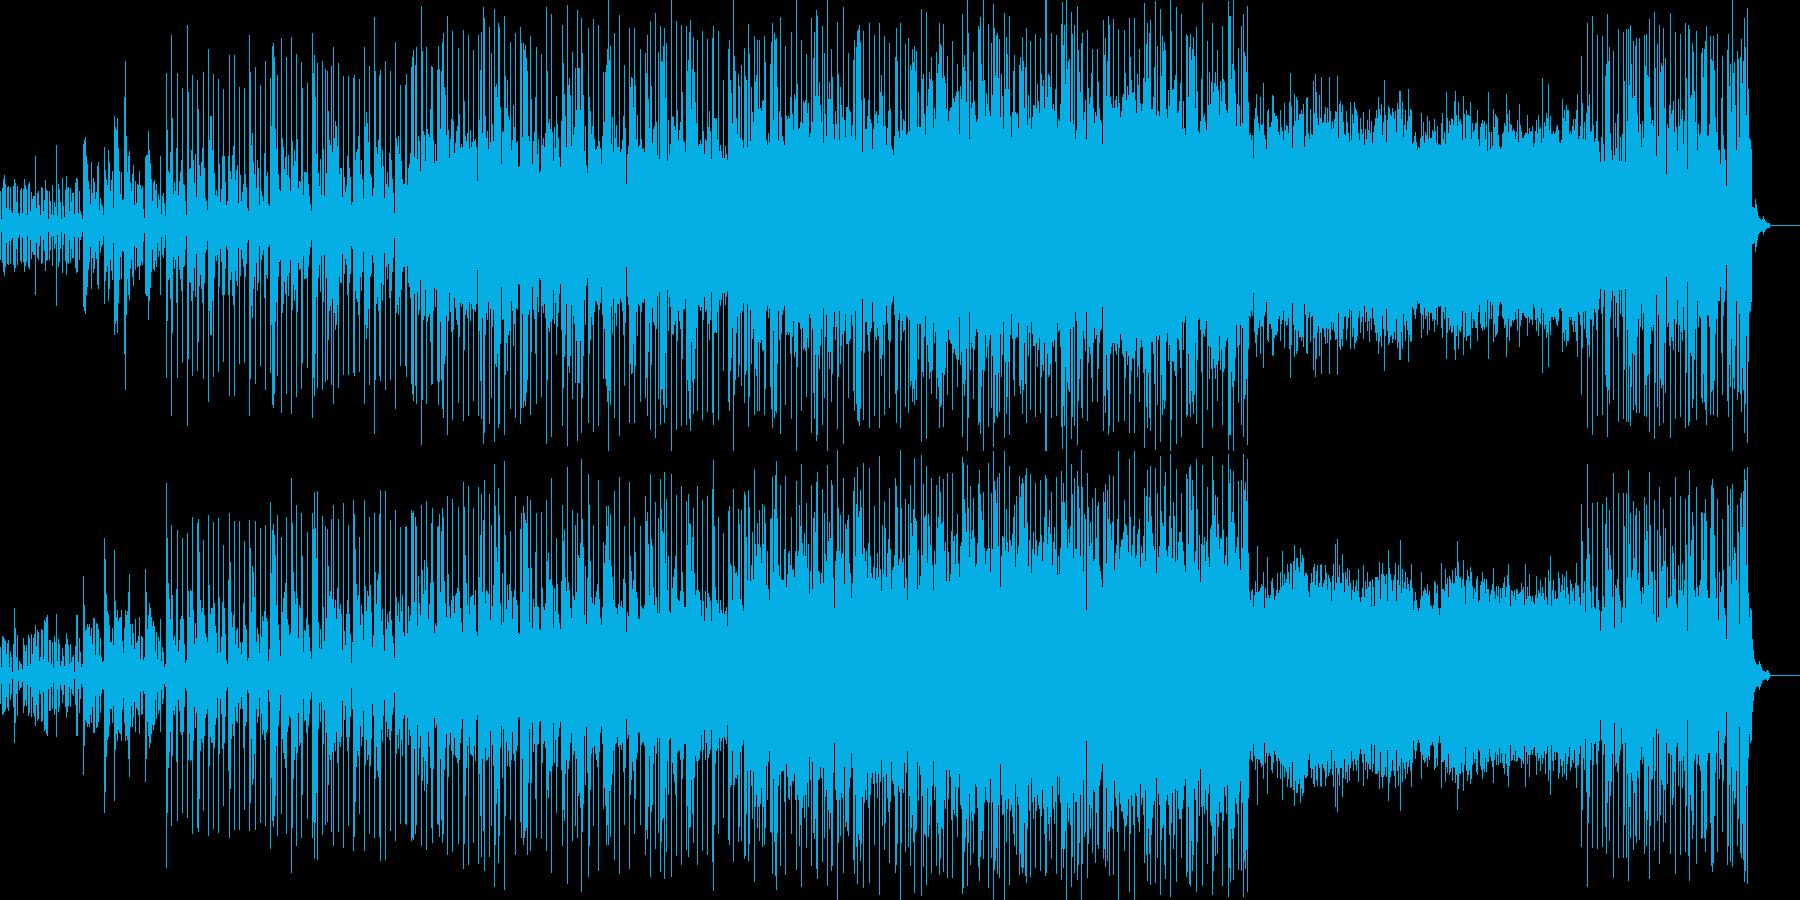 リズミカルなアンビエントテクノの再生済みの波形